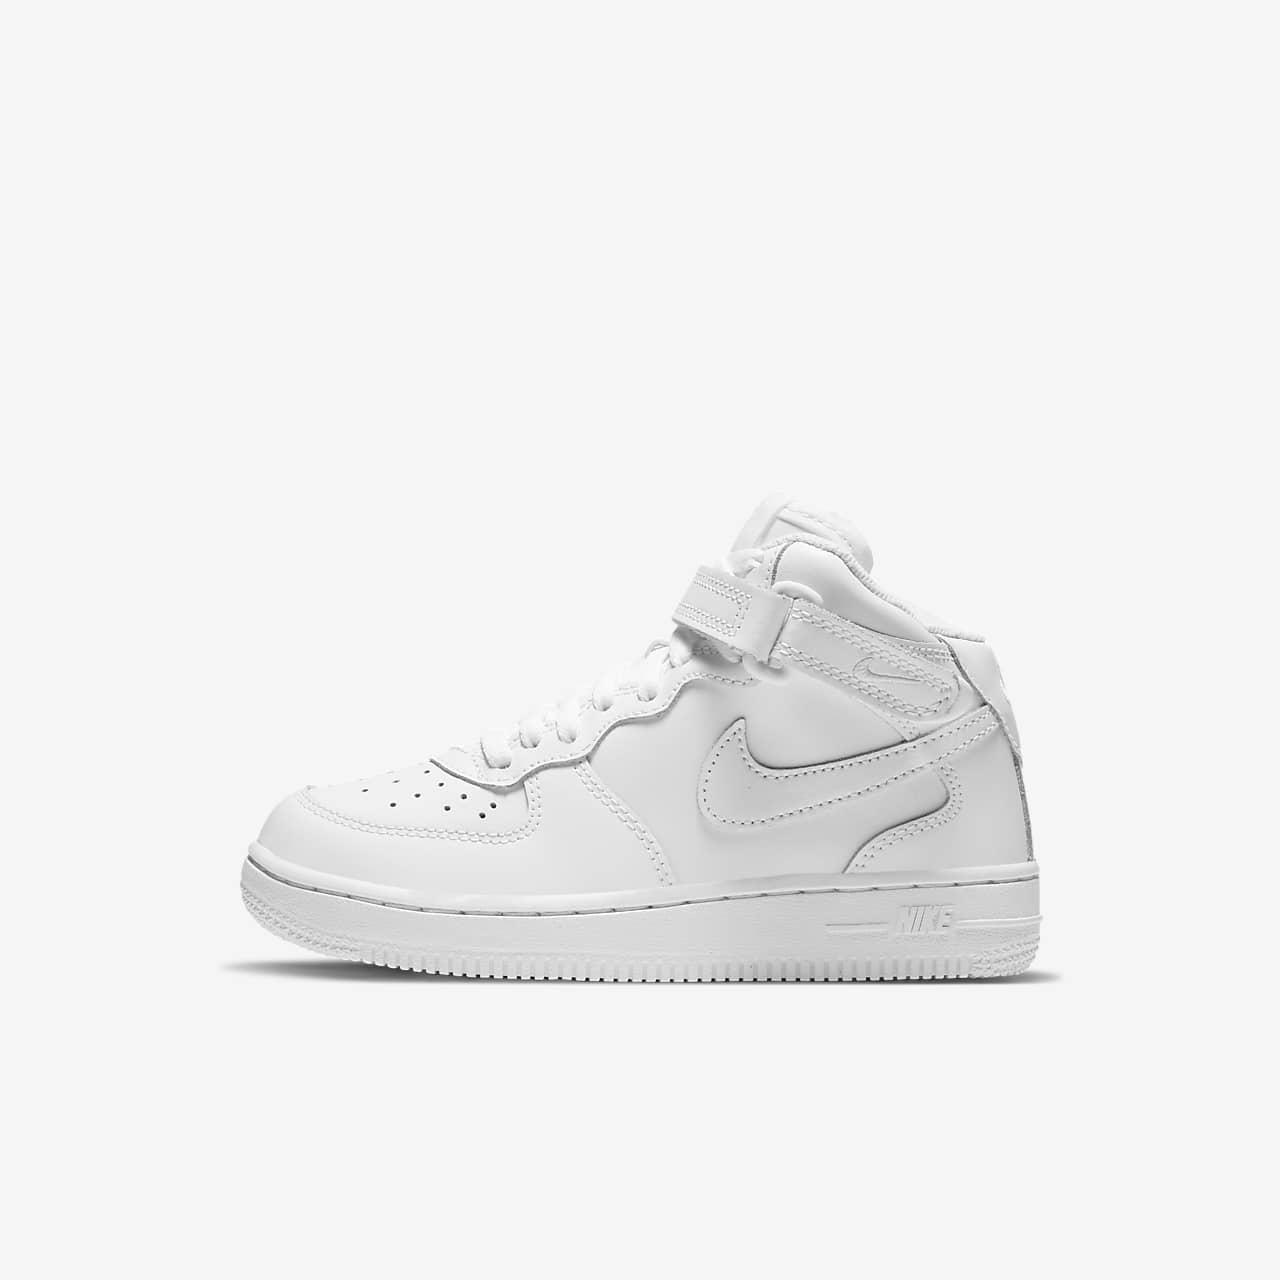 brand new 7e51d 6c629 ... Chaussure Nike Air Force 1 Mid pour Jeune enfant